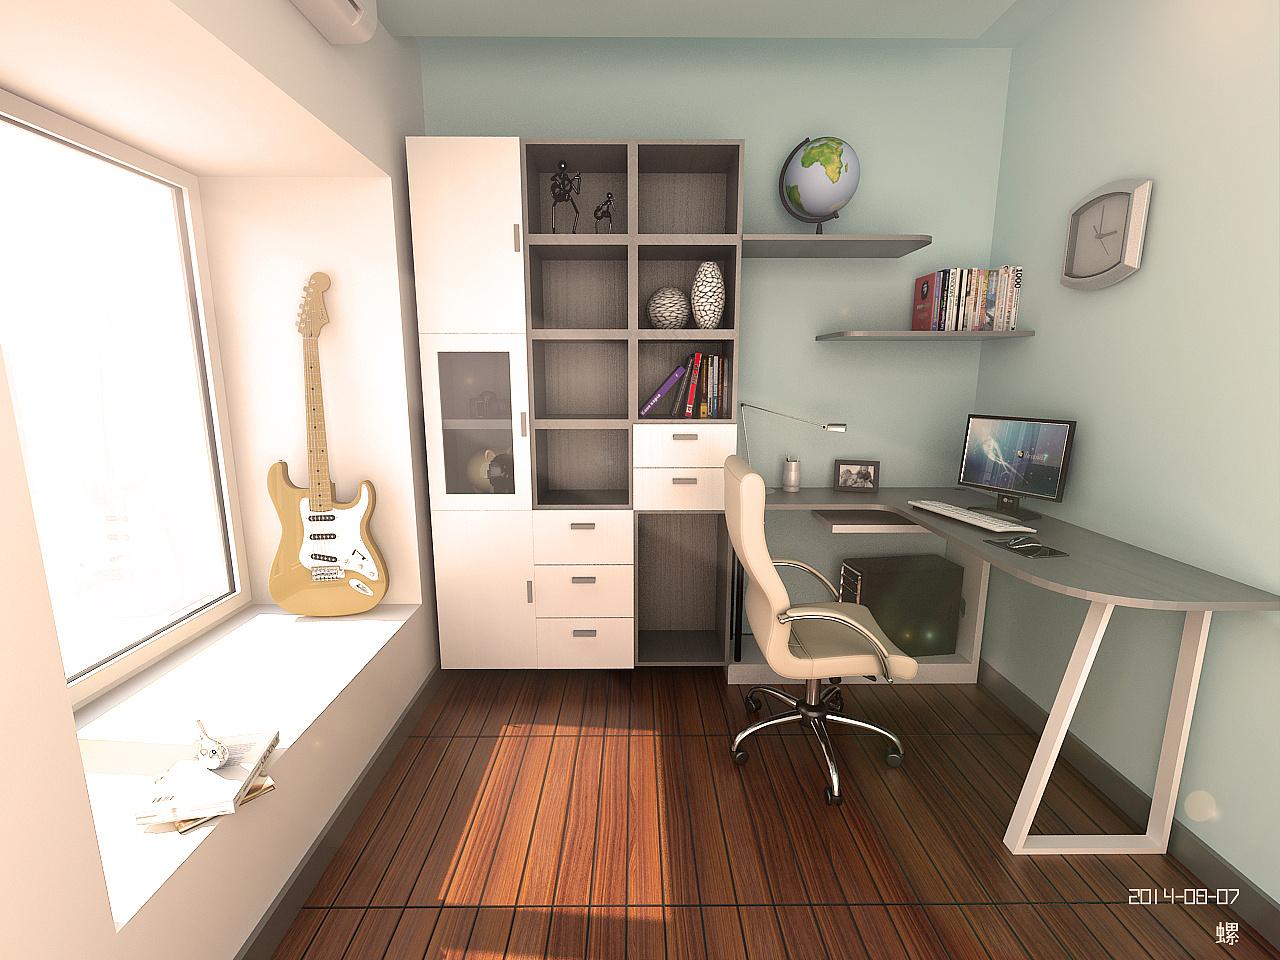 书房|空间|室内设计|玩具吖螺 - 原创作品 - 站酷图片